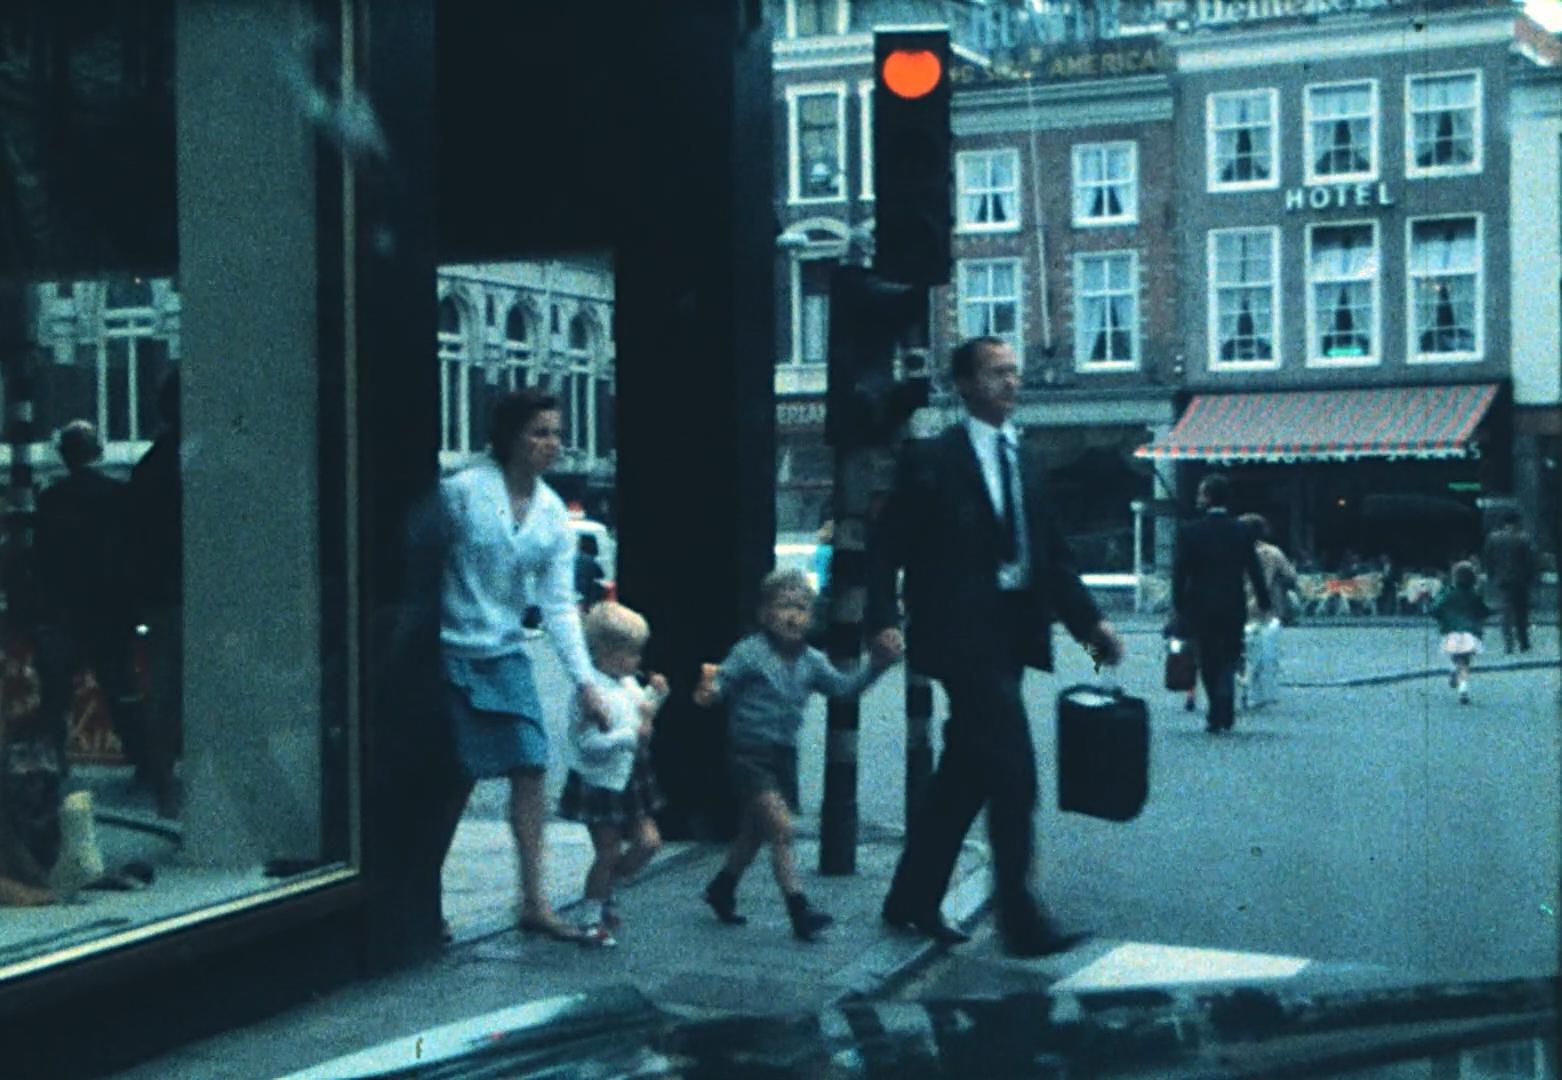 Herkenning bij voorvertoning amateurfilmbeelden Haarlem: 'Hé, dat ben ik met mijn broertje en vader en moeder'